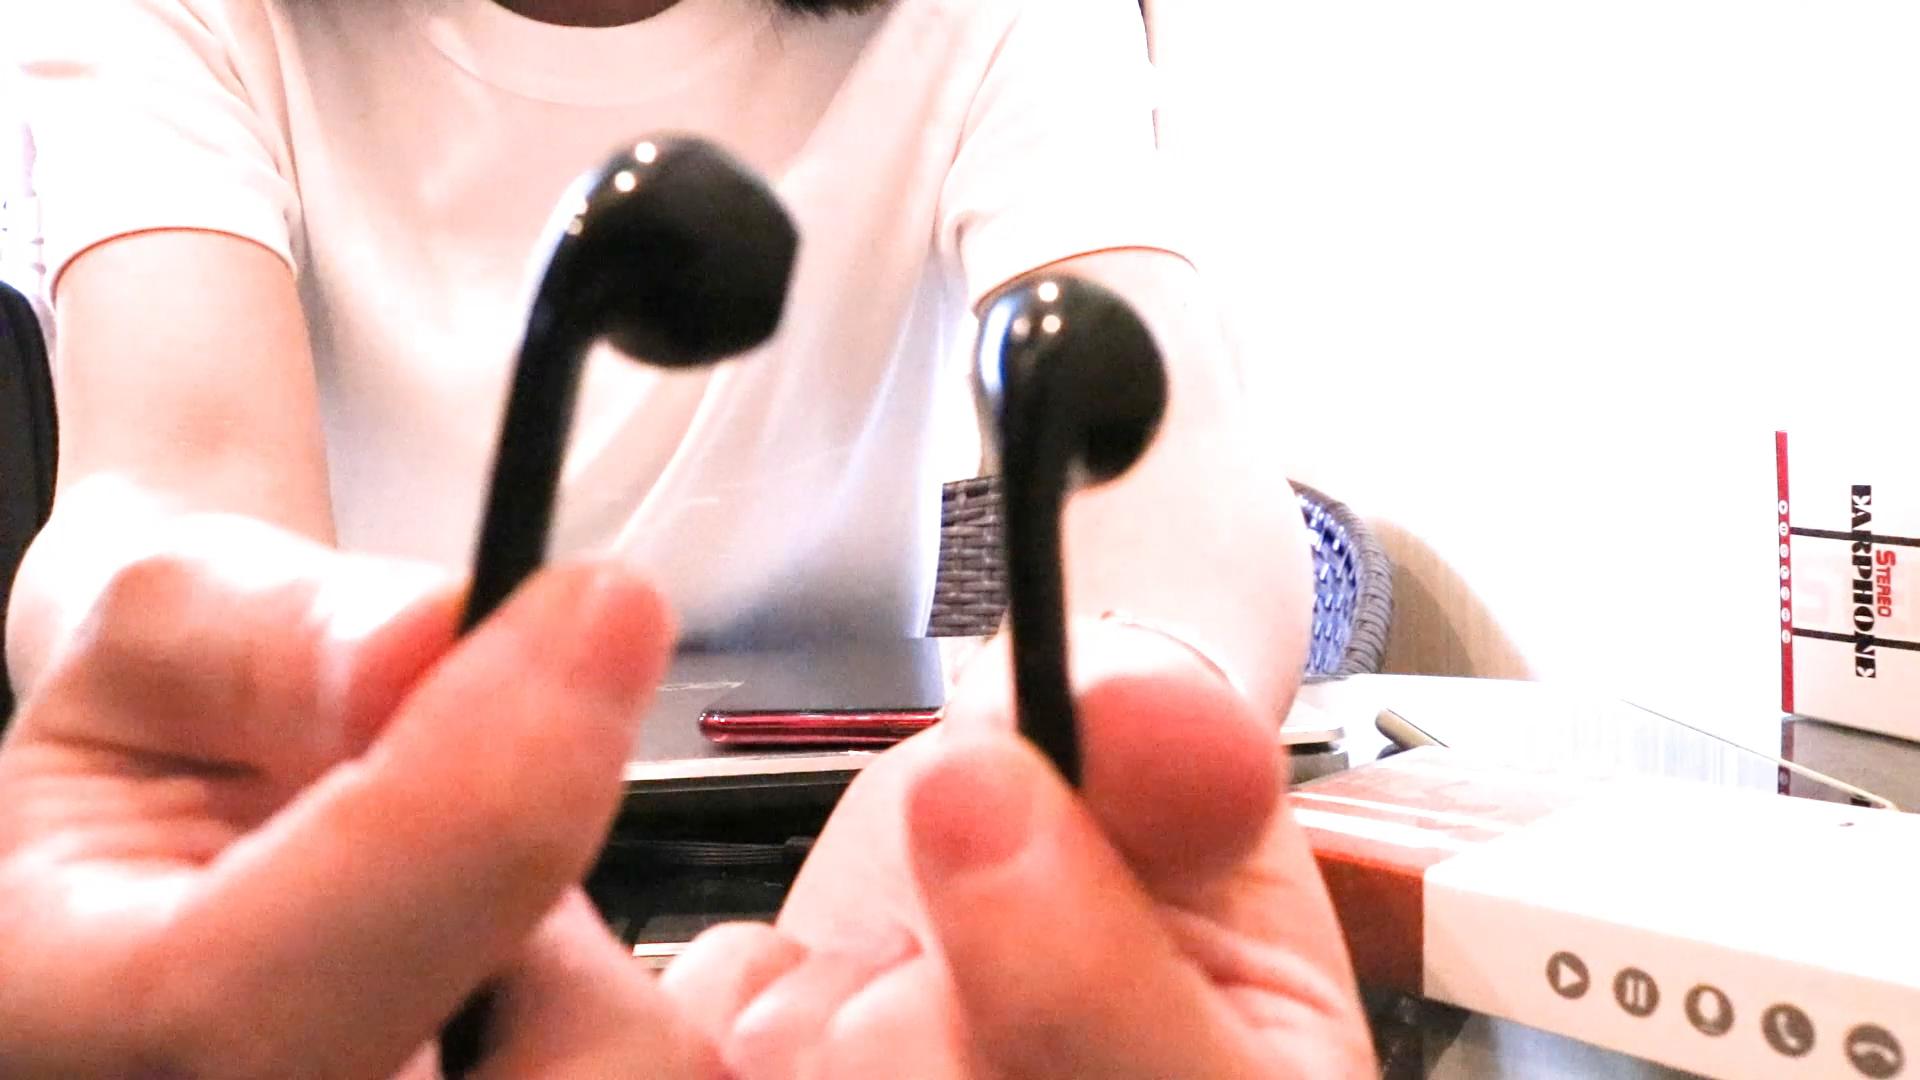 Penjualan Panas Di Telinga Wired Kontrol Stereo Flat Wire Earphone Headphone untuk Ponsel